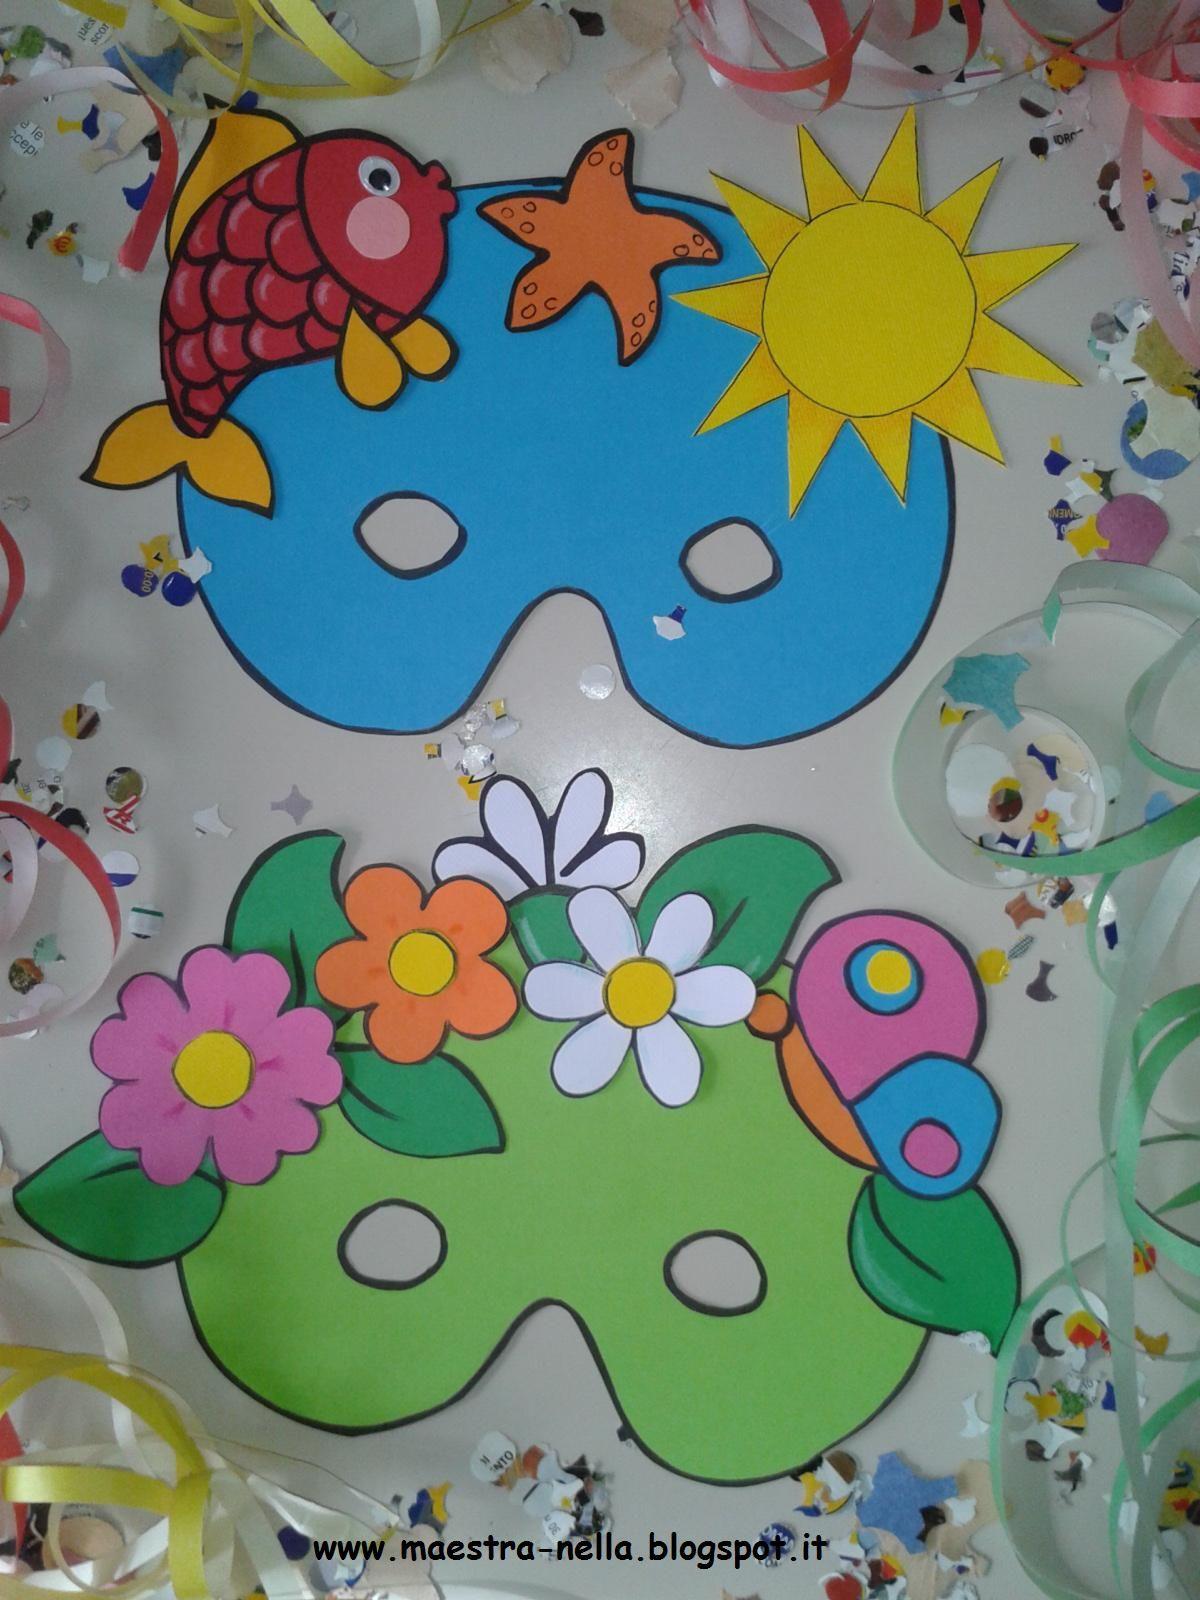 Maestra Nella Carnevale Maschere 4 Stagioni Carnevale